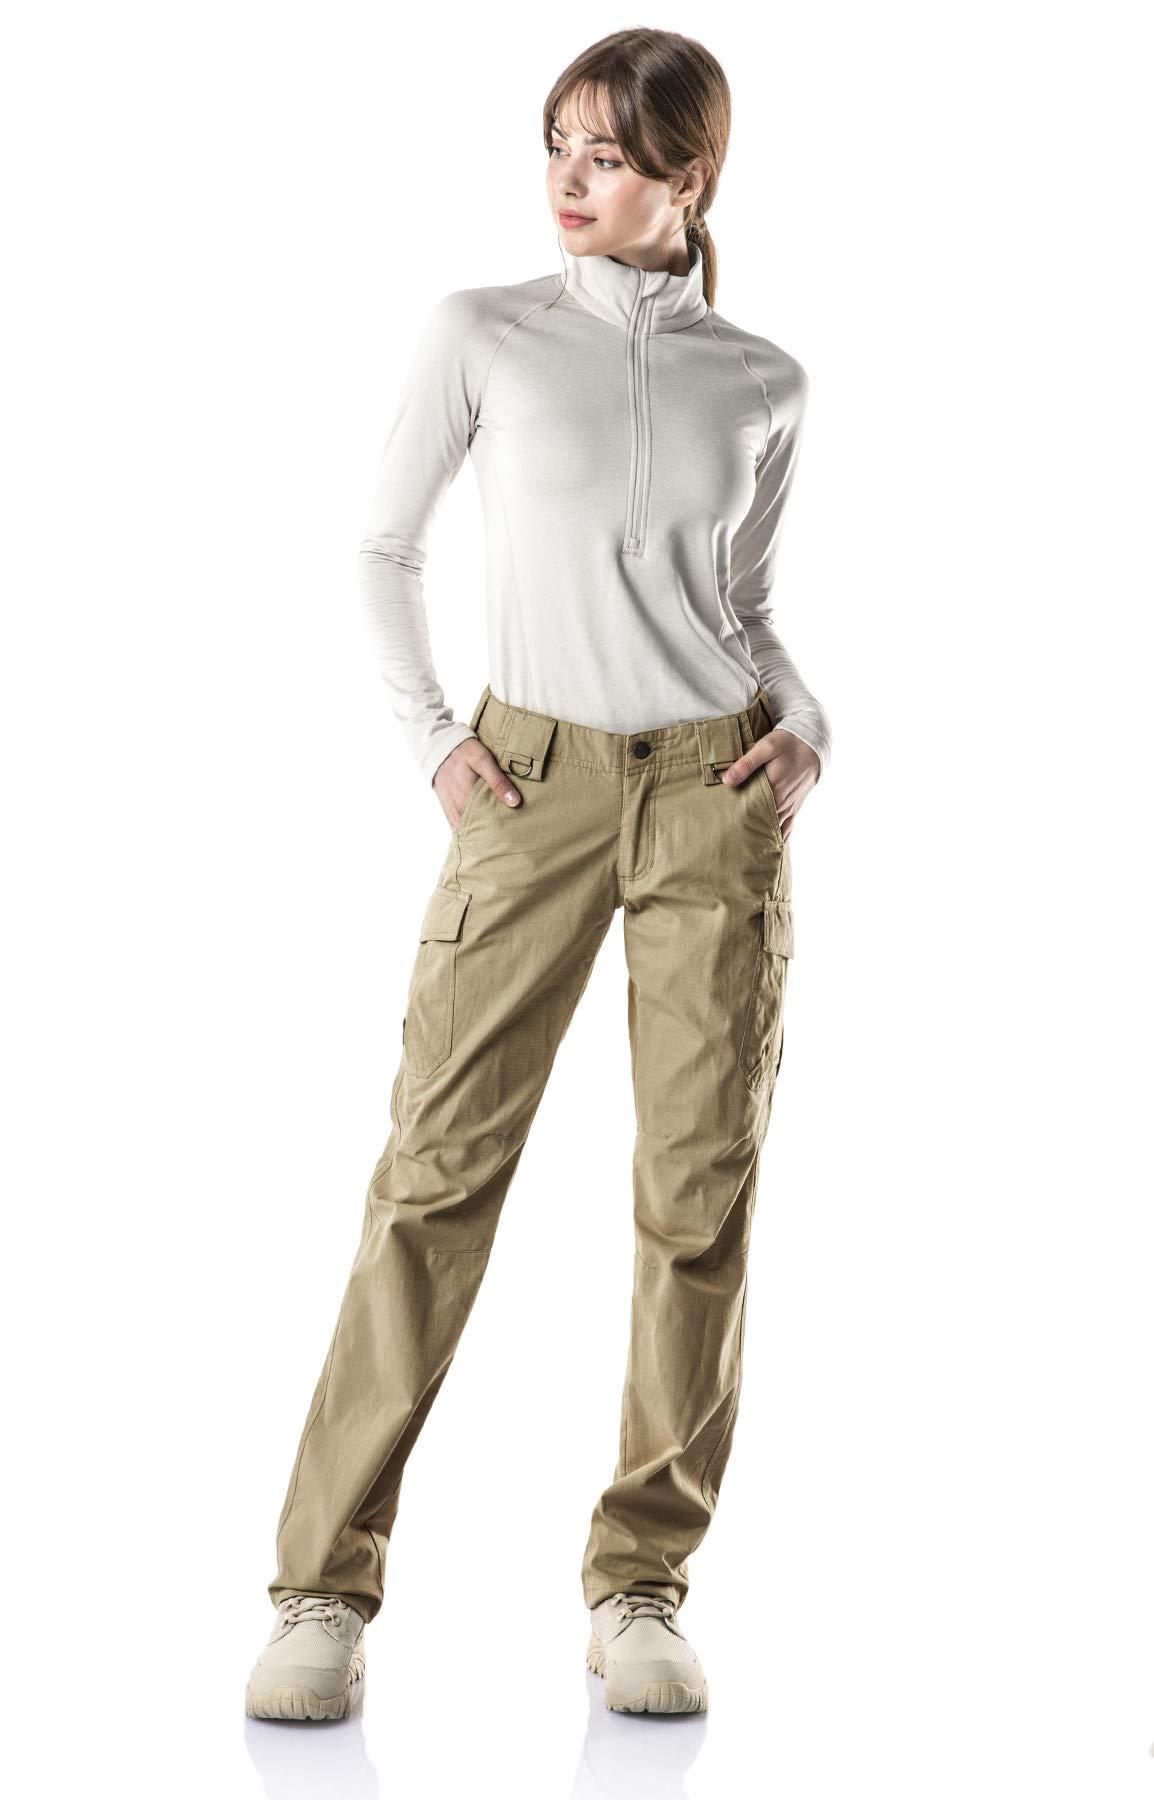 CQR CQ-WFP510-KHK_14/Long Women's Flex Stretch Tactical Long Pants Lightweight EDC Assault Cargo wiith Multi Pockets WFP510 by CQR (Image #3)